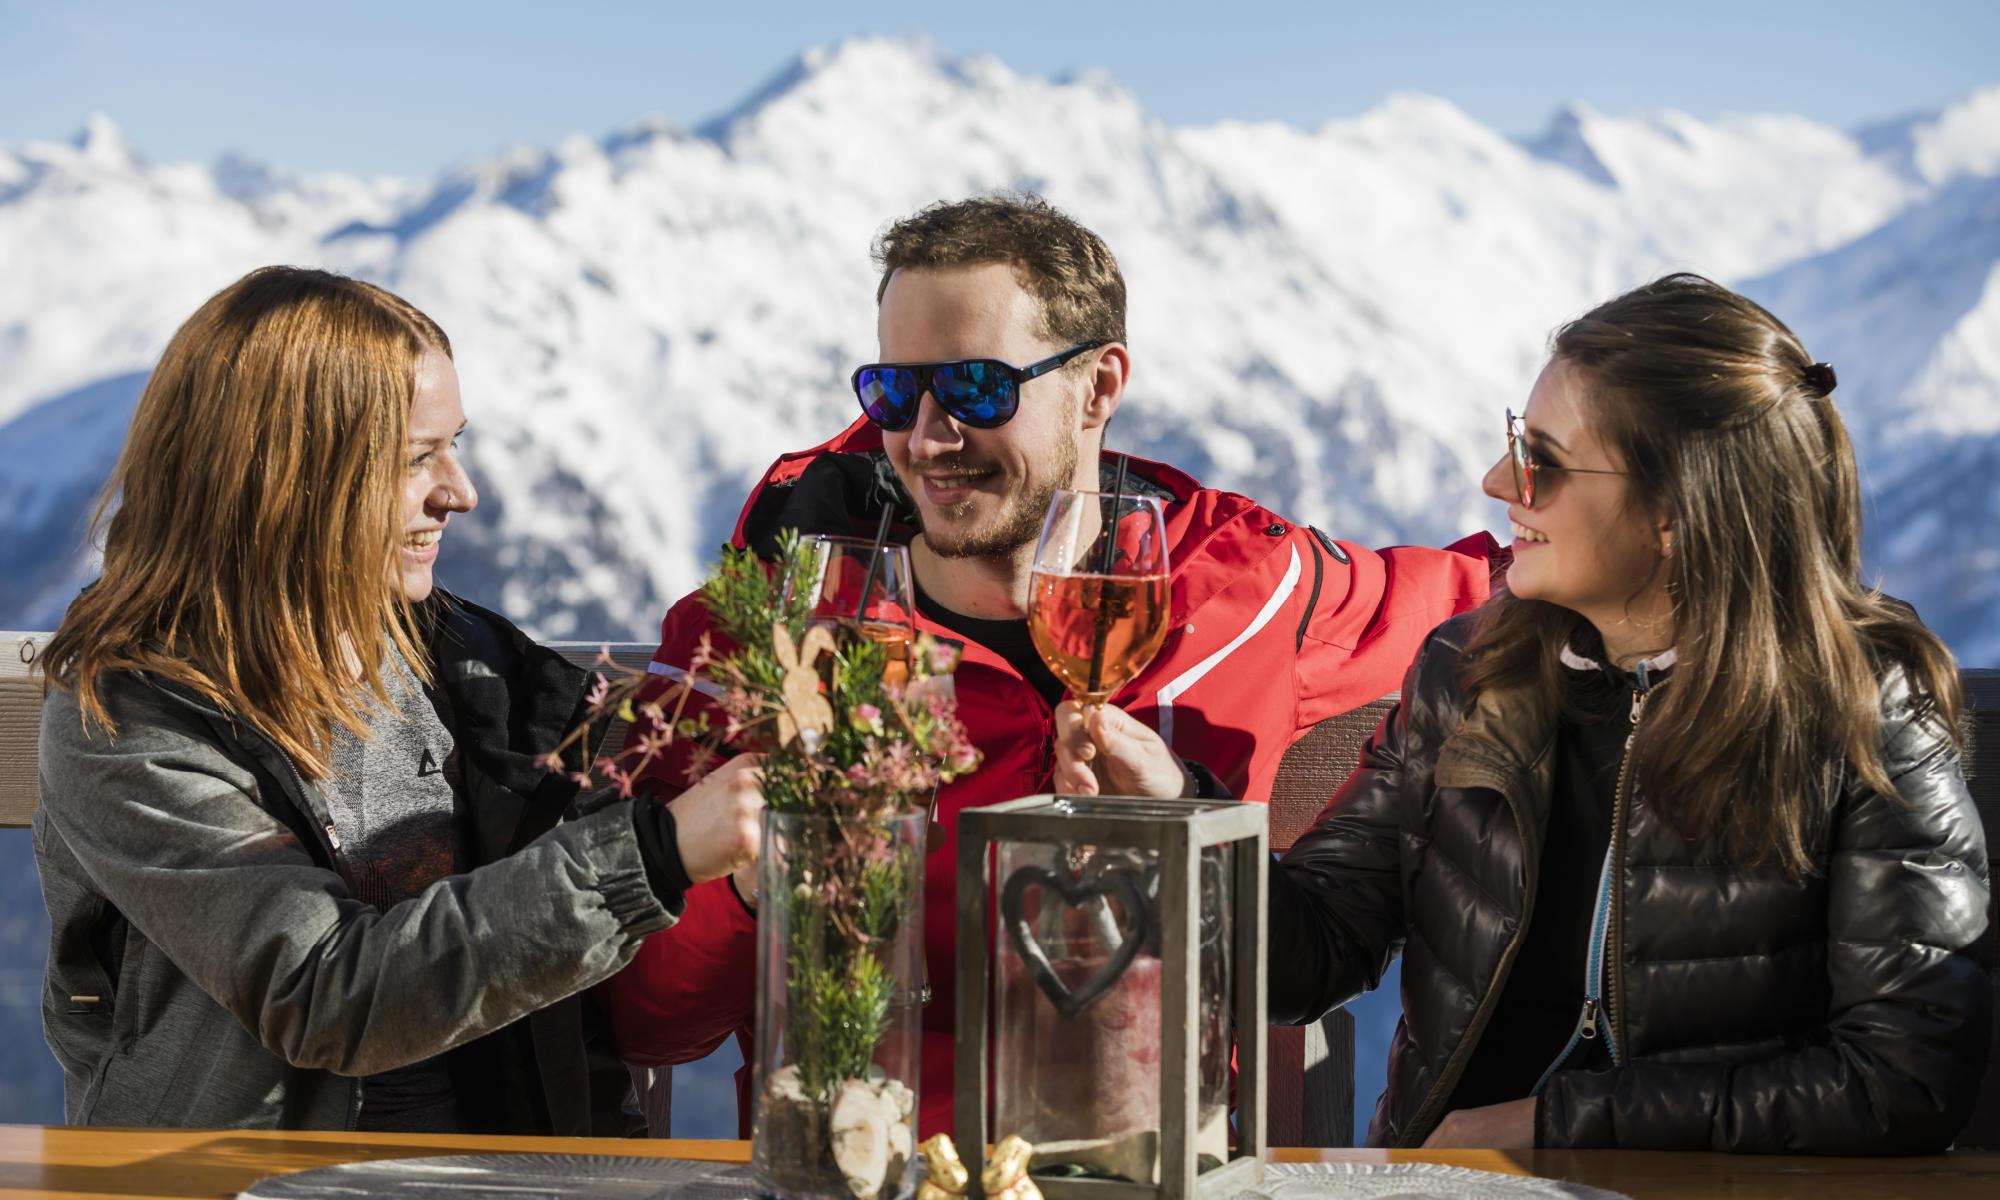 Tre amici brindano alla fine di una giornata sulle piste di Livigno.